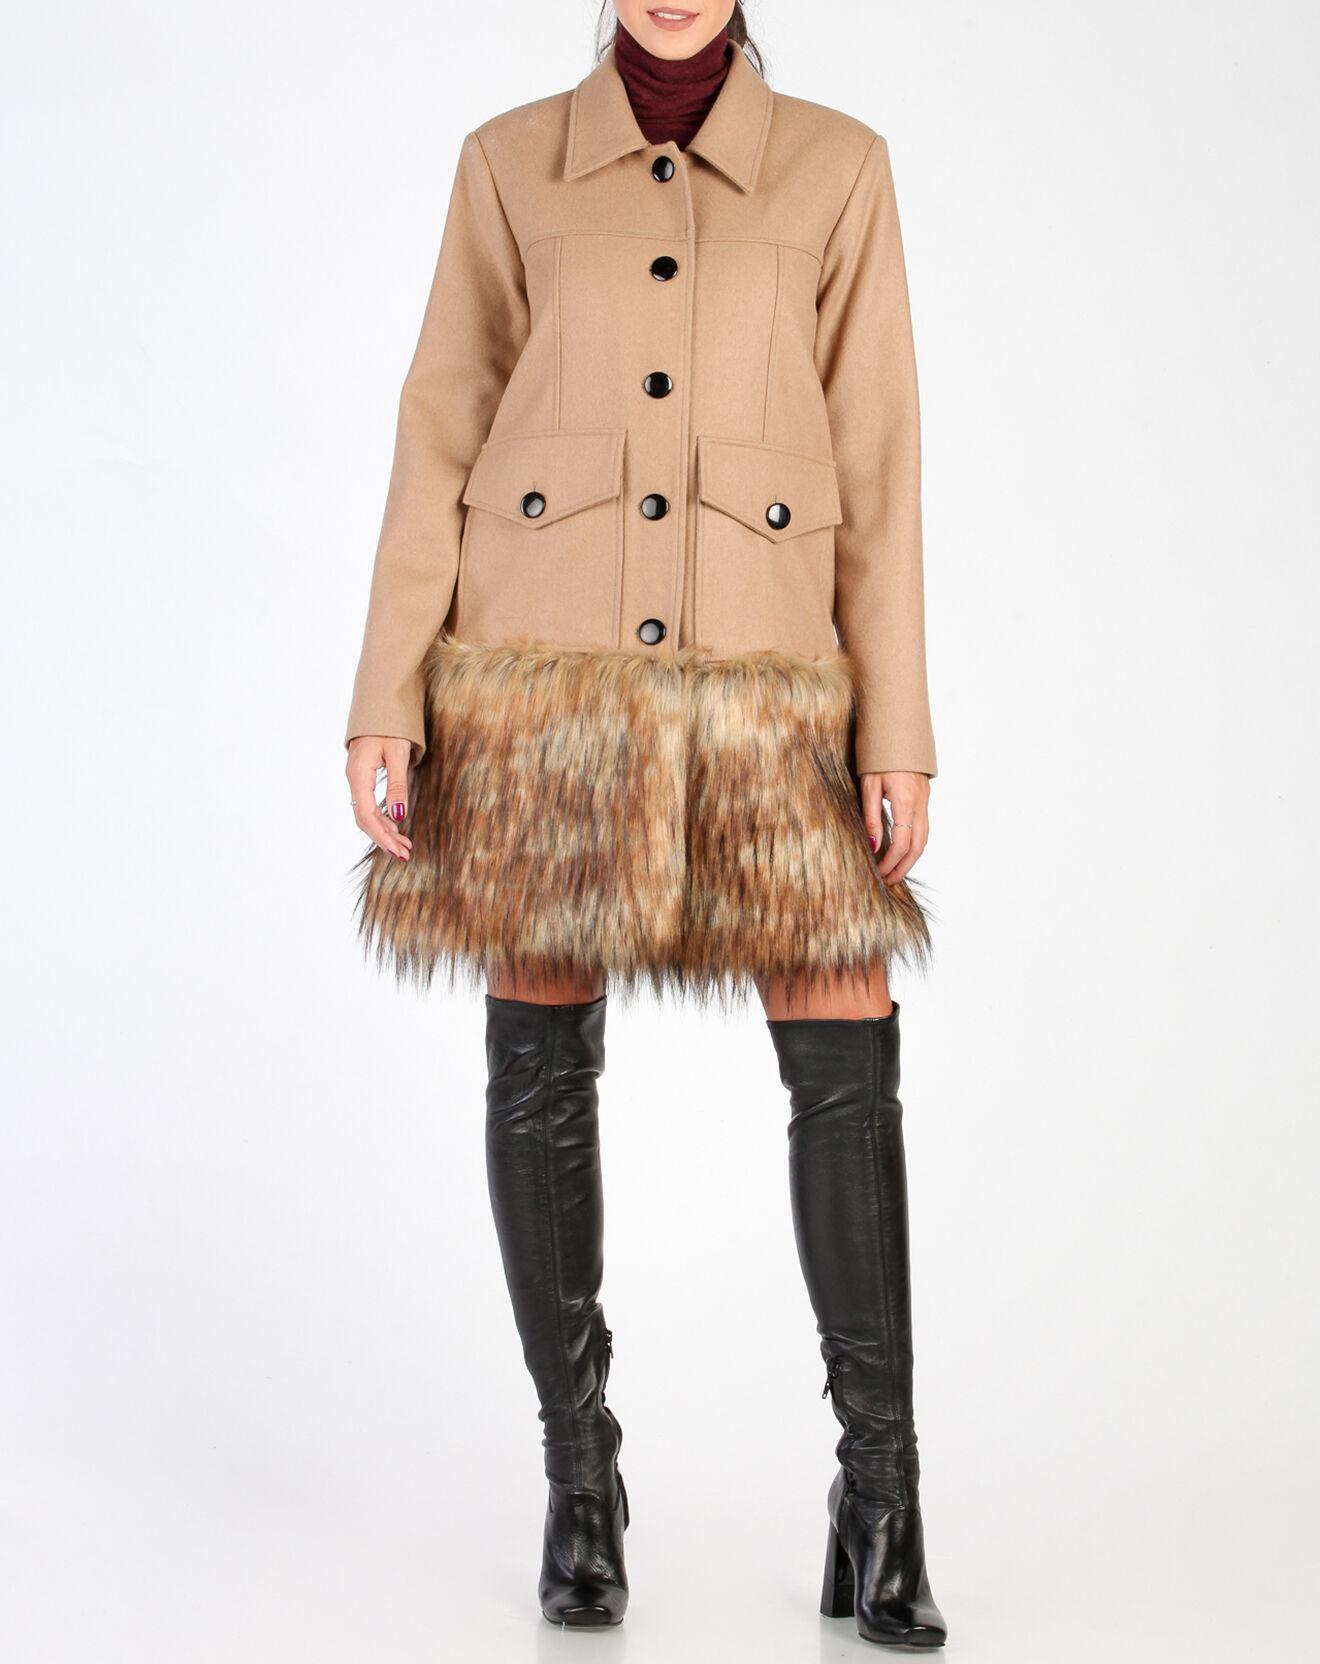 Vente Manteau Accessoire Et Mode Tritoo 66qzrw7